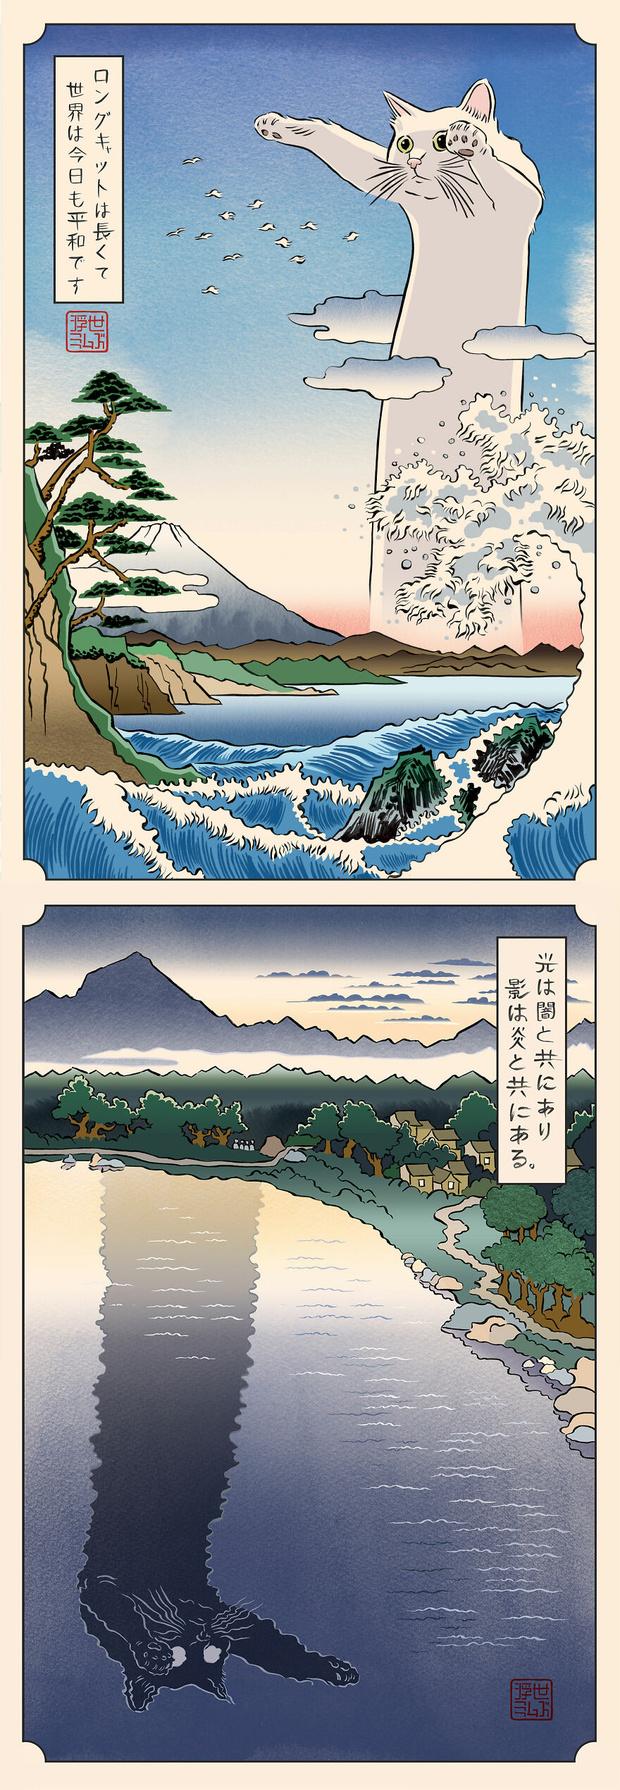 Фото №5 - 11 популярных мемов, нарисованных в стиле японских гравюр